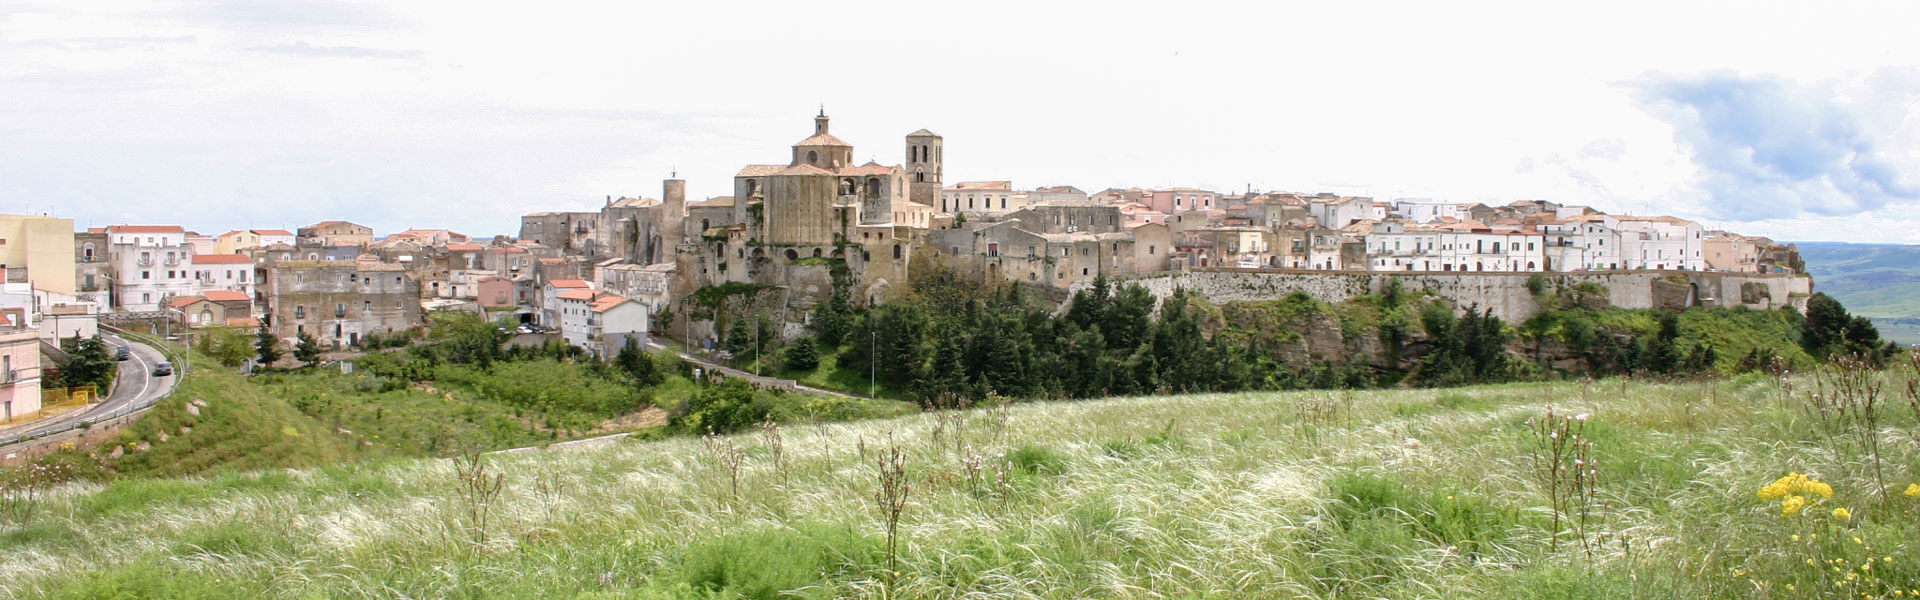 Panoramica della città di Irsina